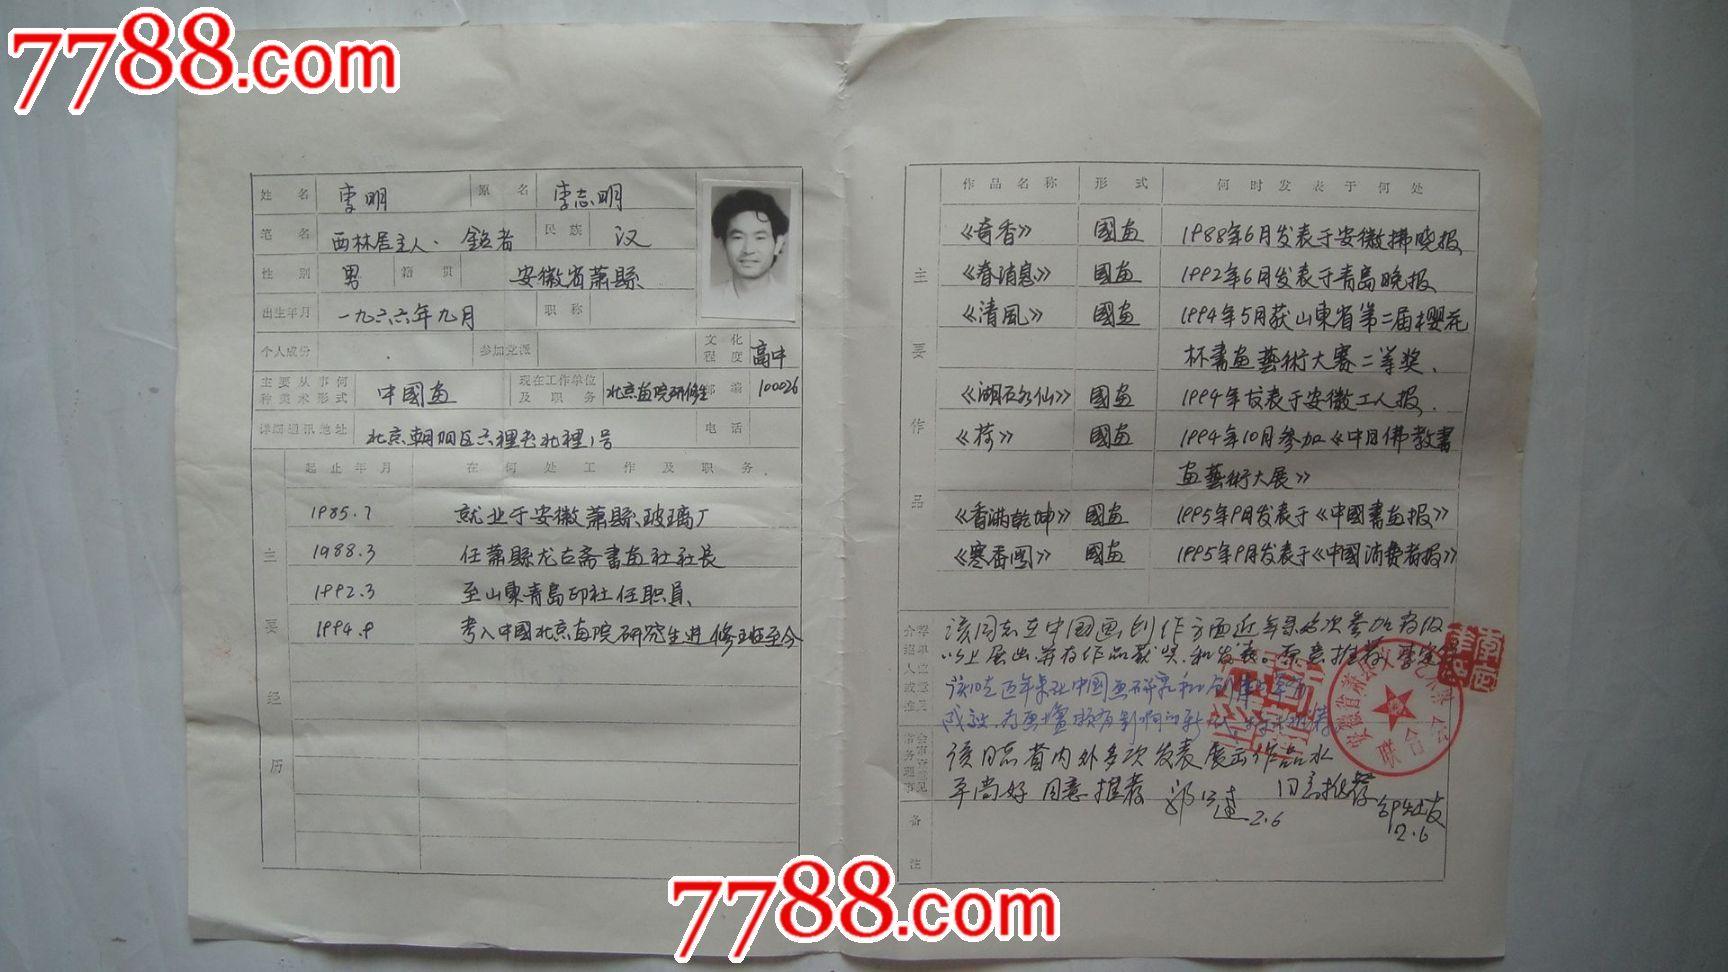 安徽省美术家协会入会申请表(李明)原名:李志明图片